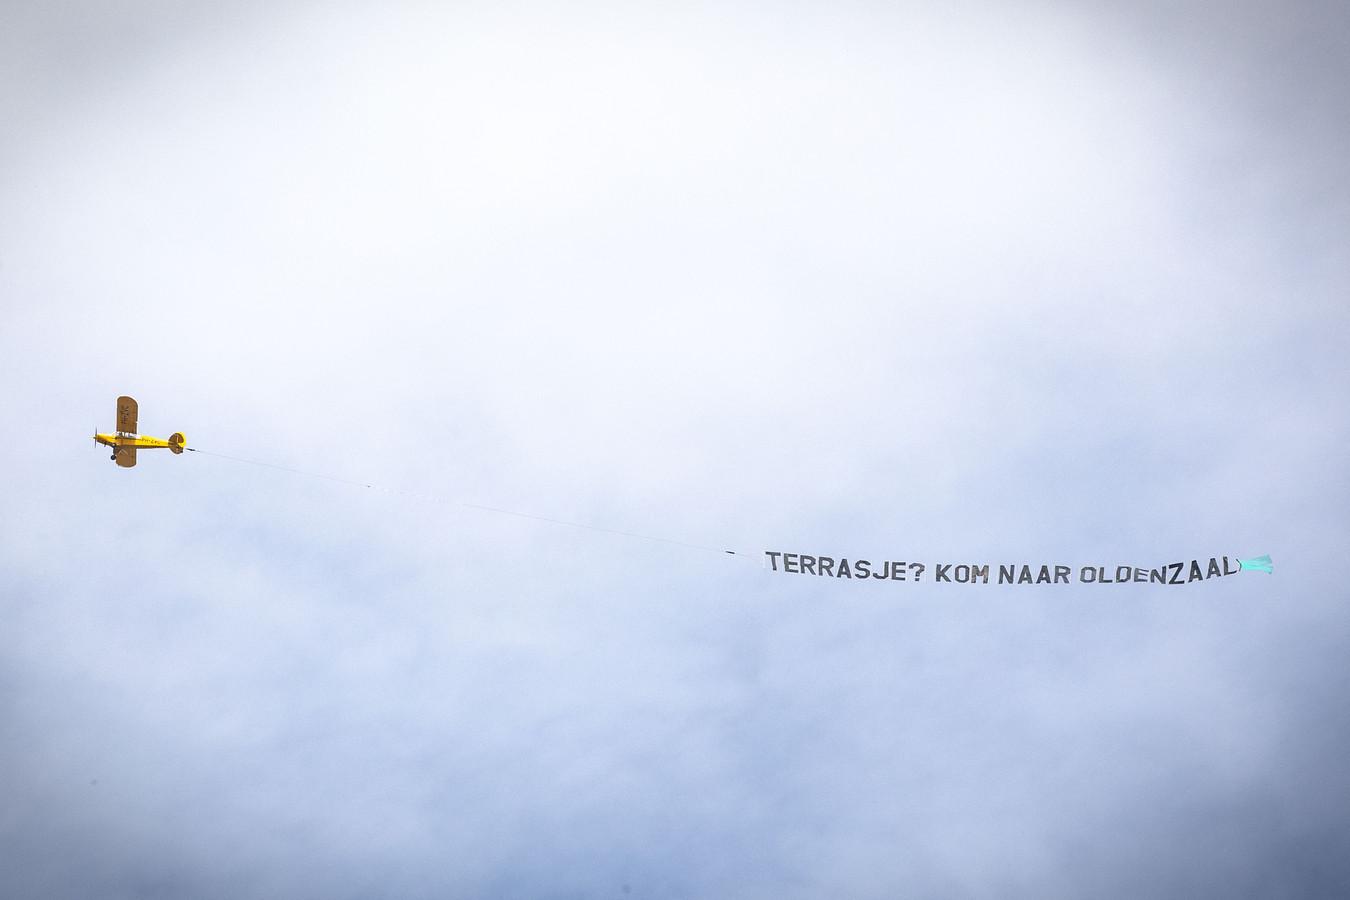 Het veelbesproken vliegtuigje boven Noordoost-Twente.